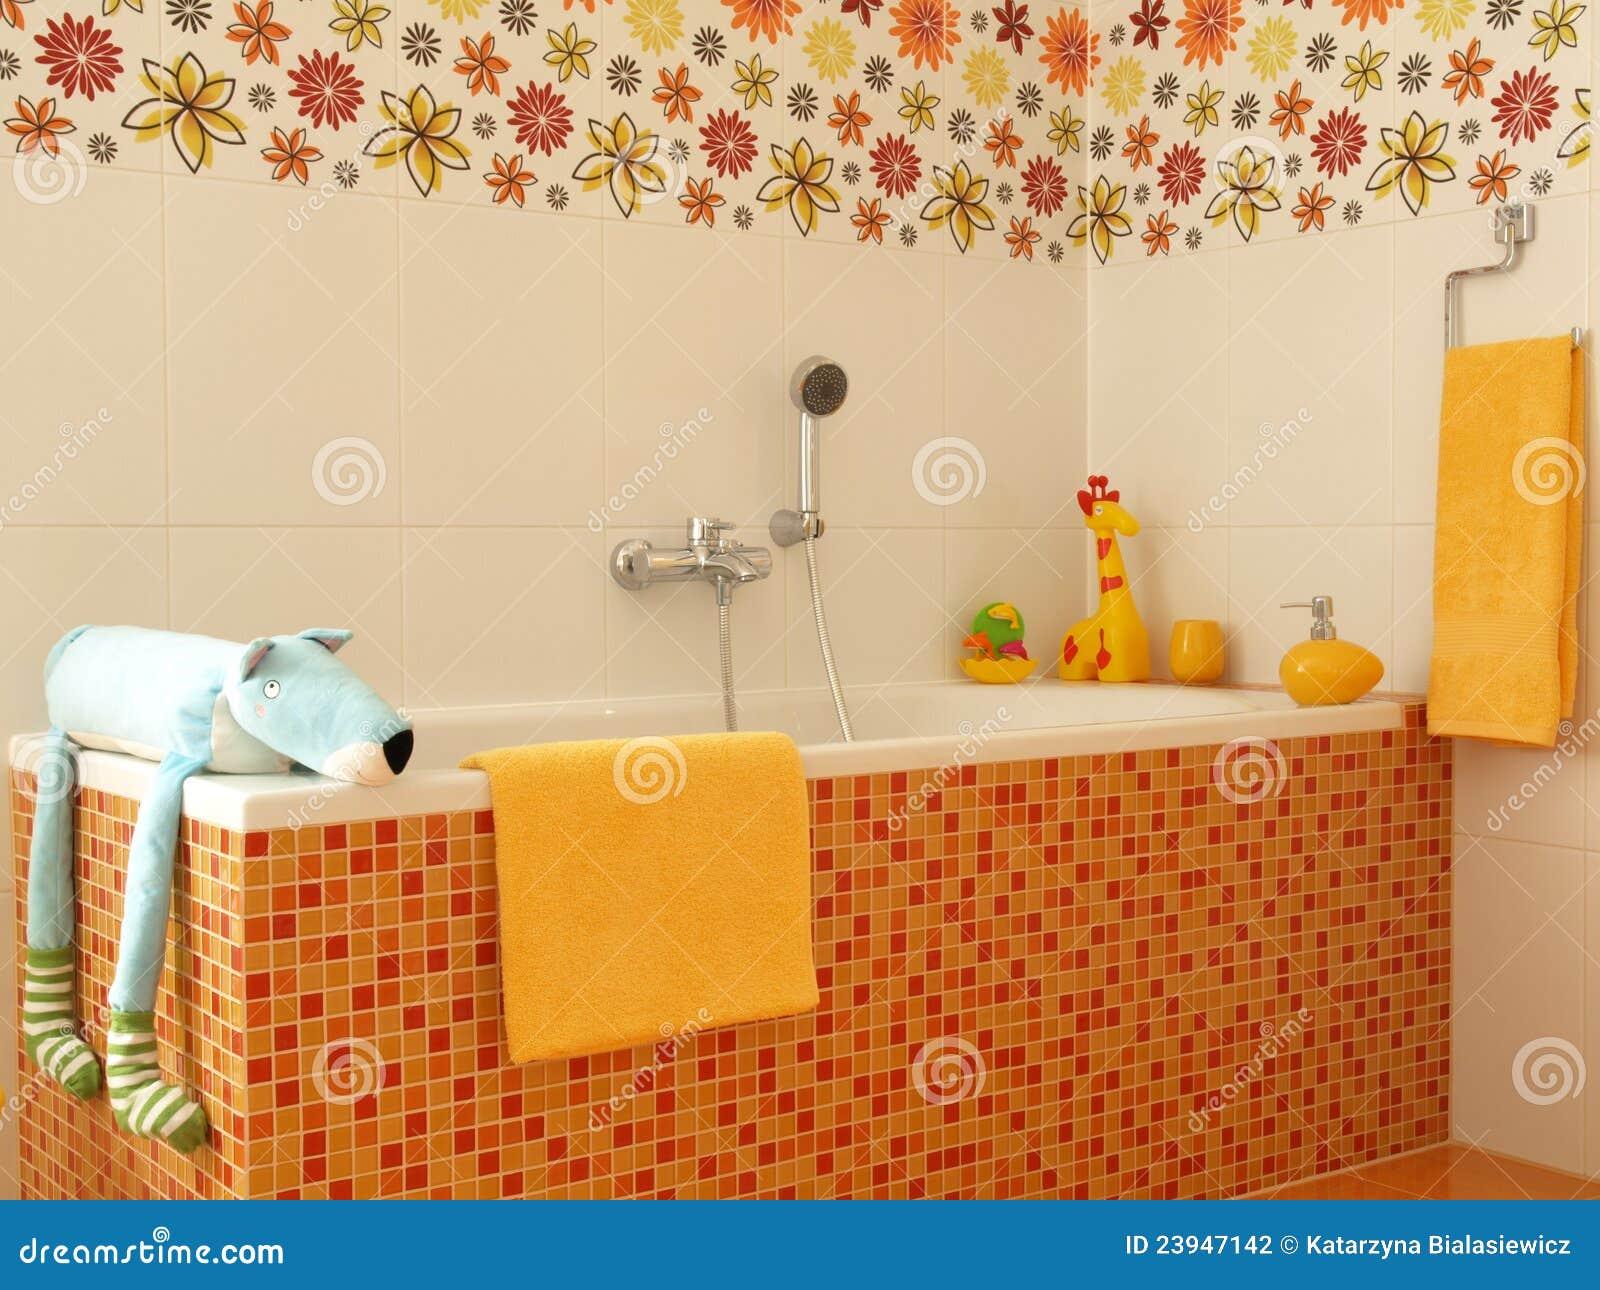 De Kleurrijke Badkamers Van Kinderen. Stock Foto - Afbeelding ...